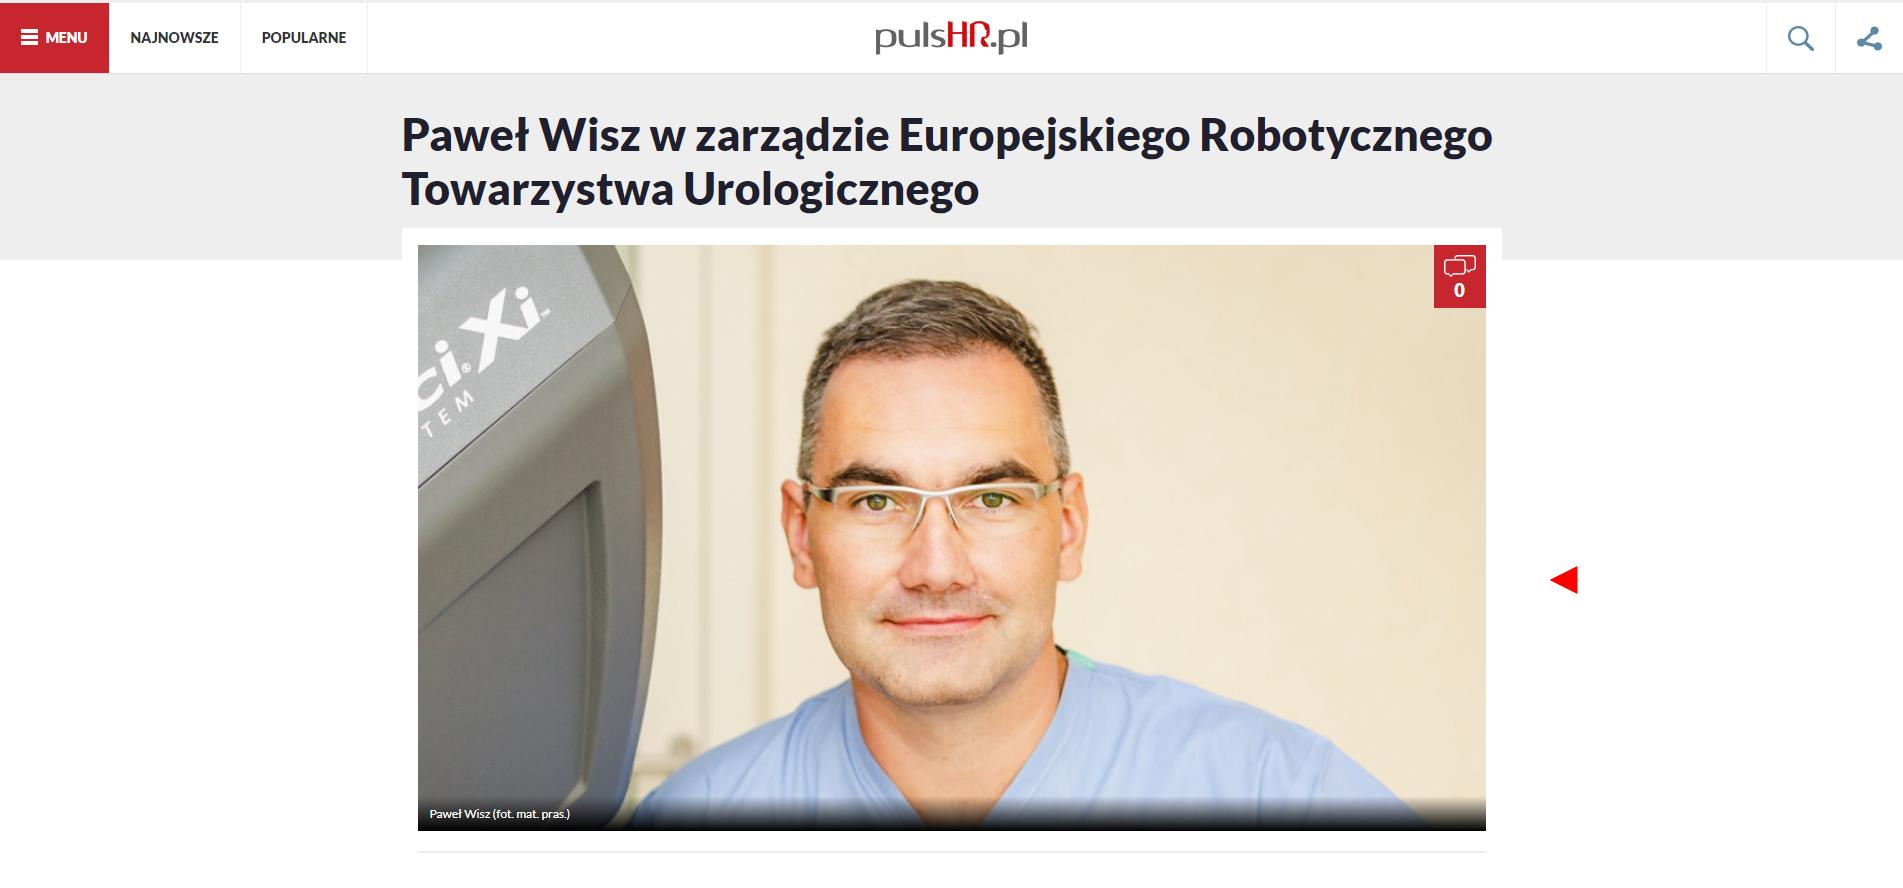 Paweł Wisz w zarządzie Europejskiego Robotycznego Towarzystwa Urologicznego 0